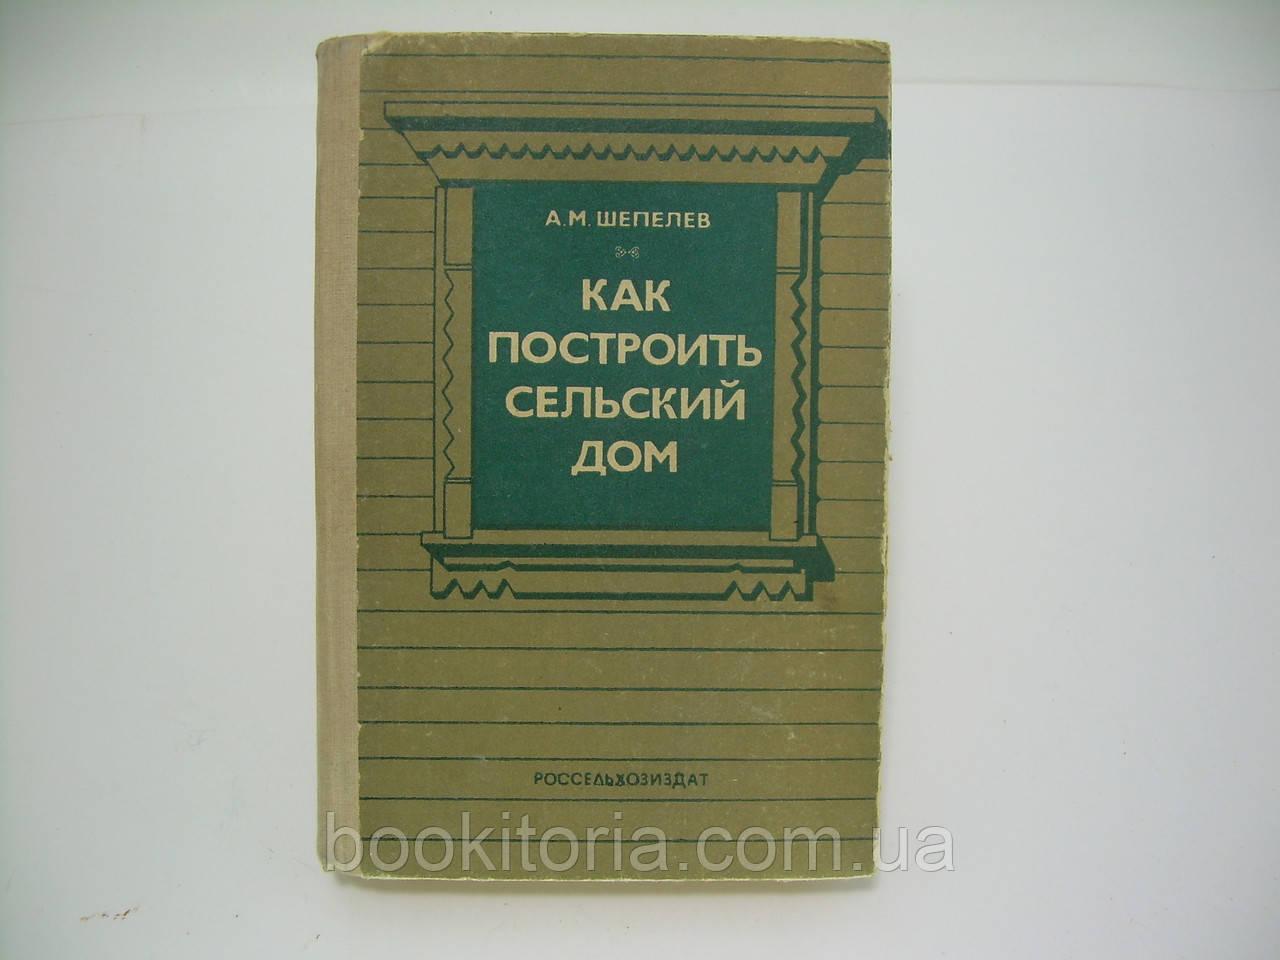 Книга «Как построить сельский дом» А. М. Шепелев - купить ...